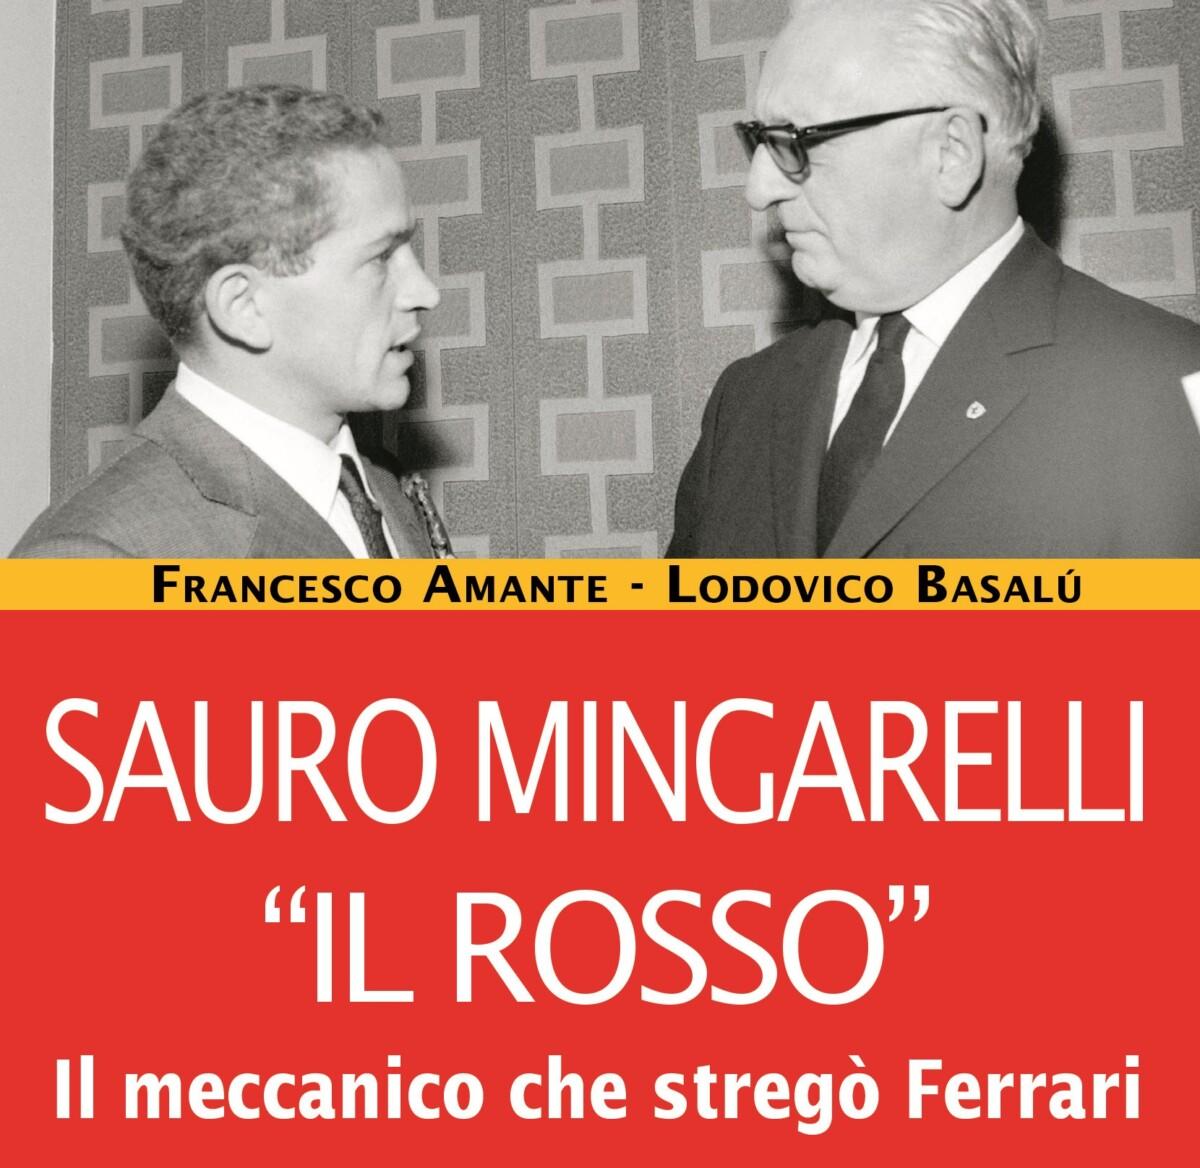 """SAURO MINGARELLI """"IL ROSSO"""" Il meccanico che stregò Ferrari"""